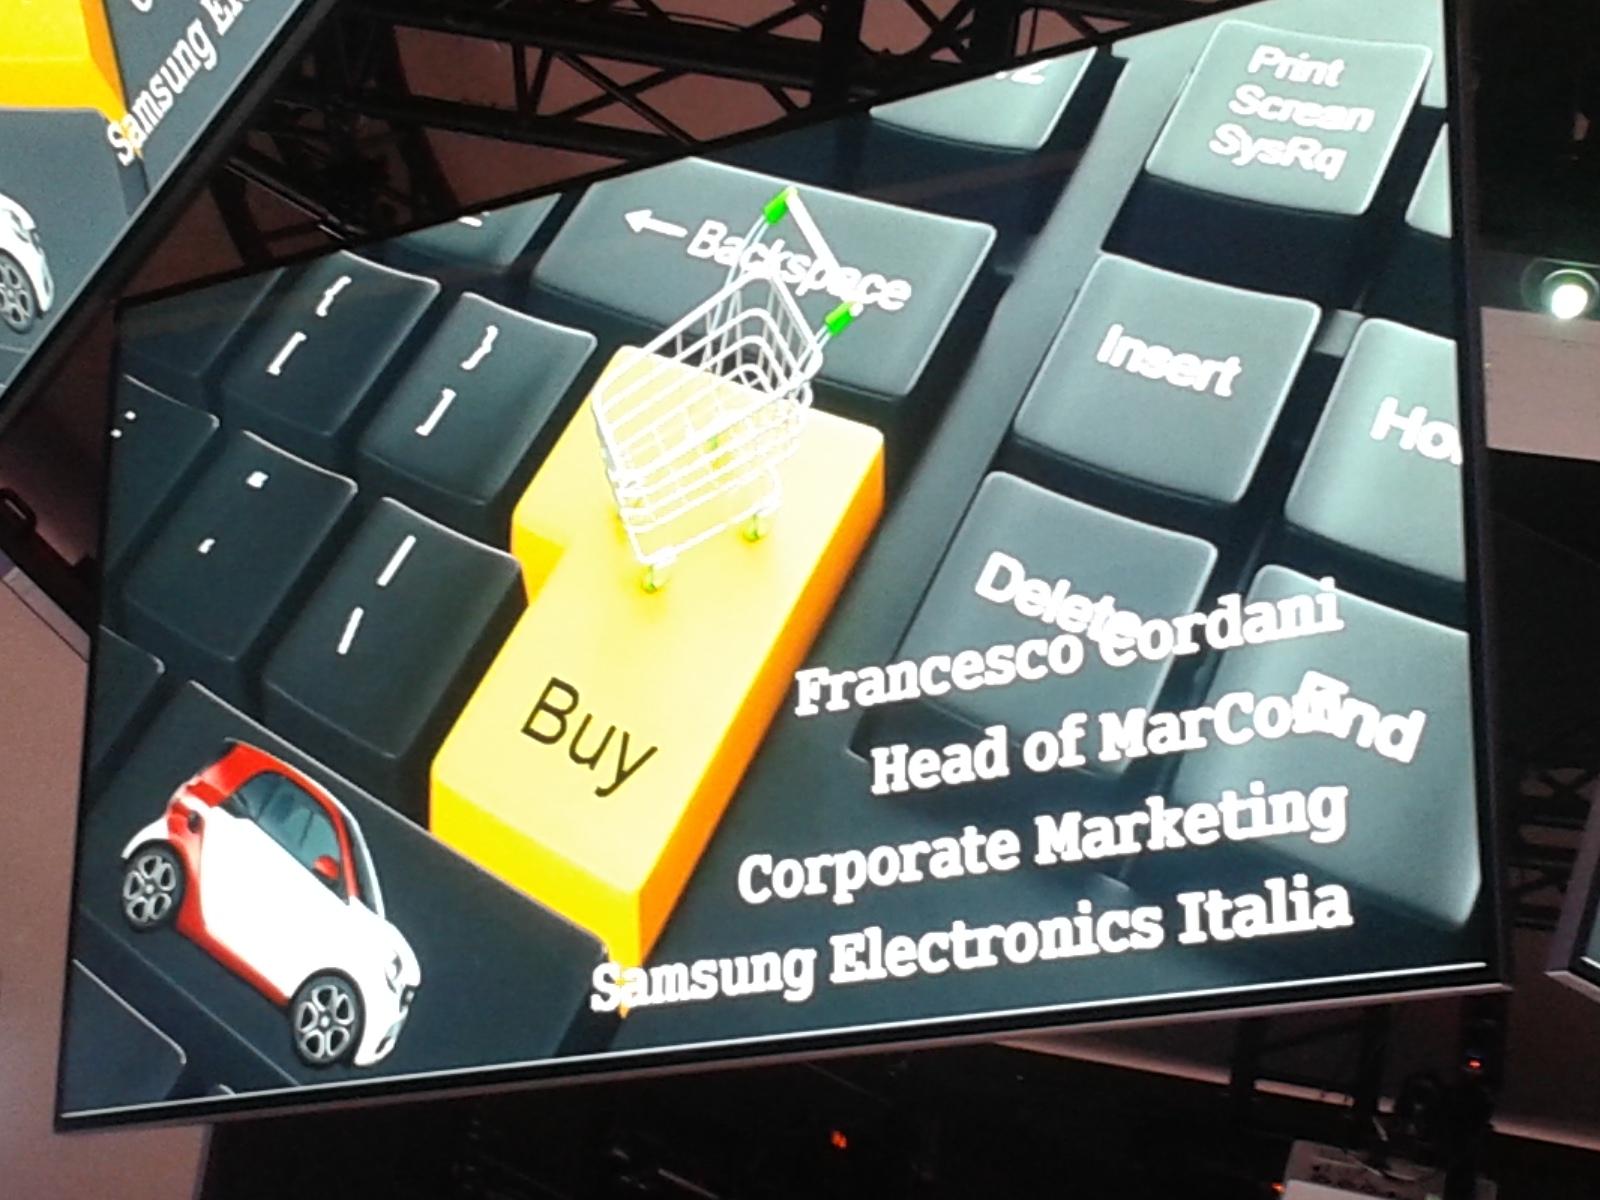 smartFORstore.it e smart si acquista online